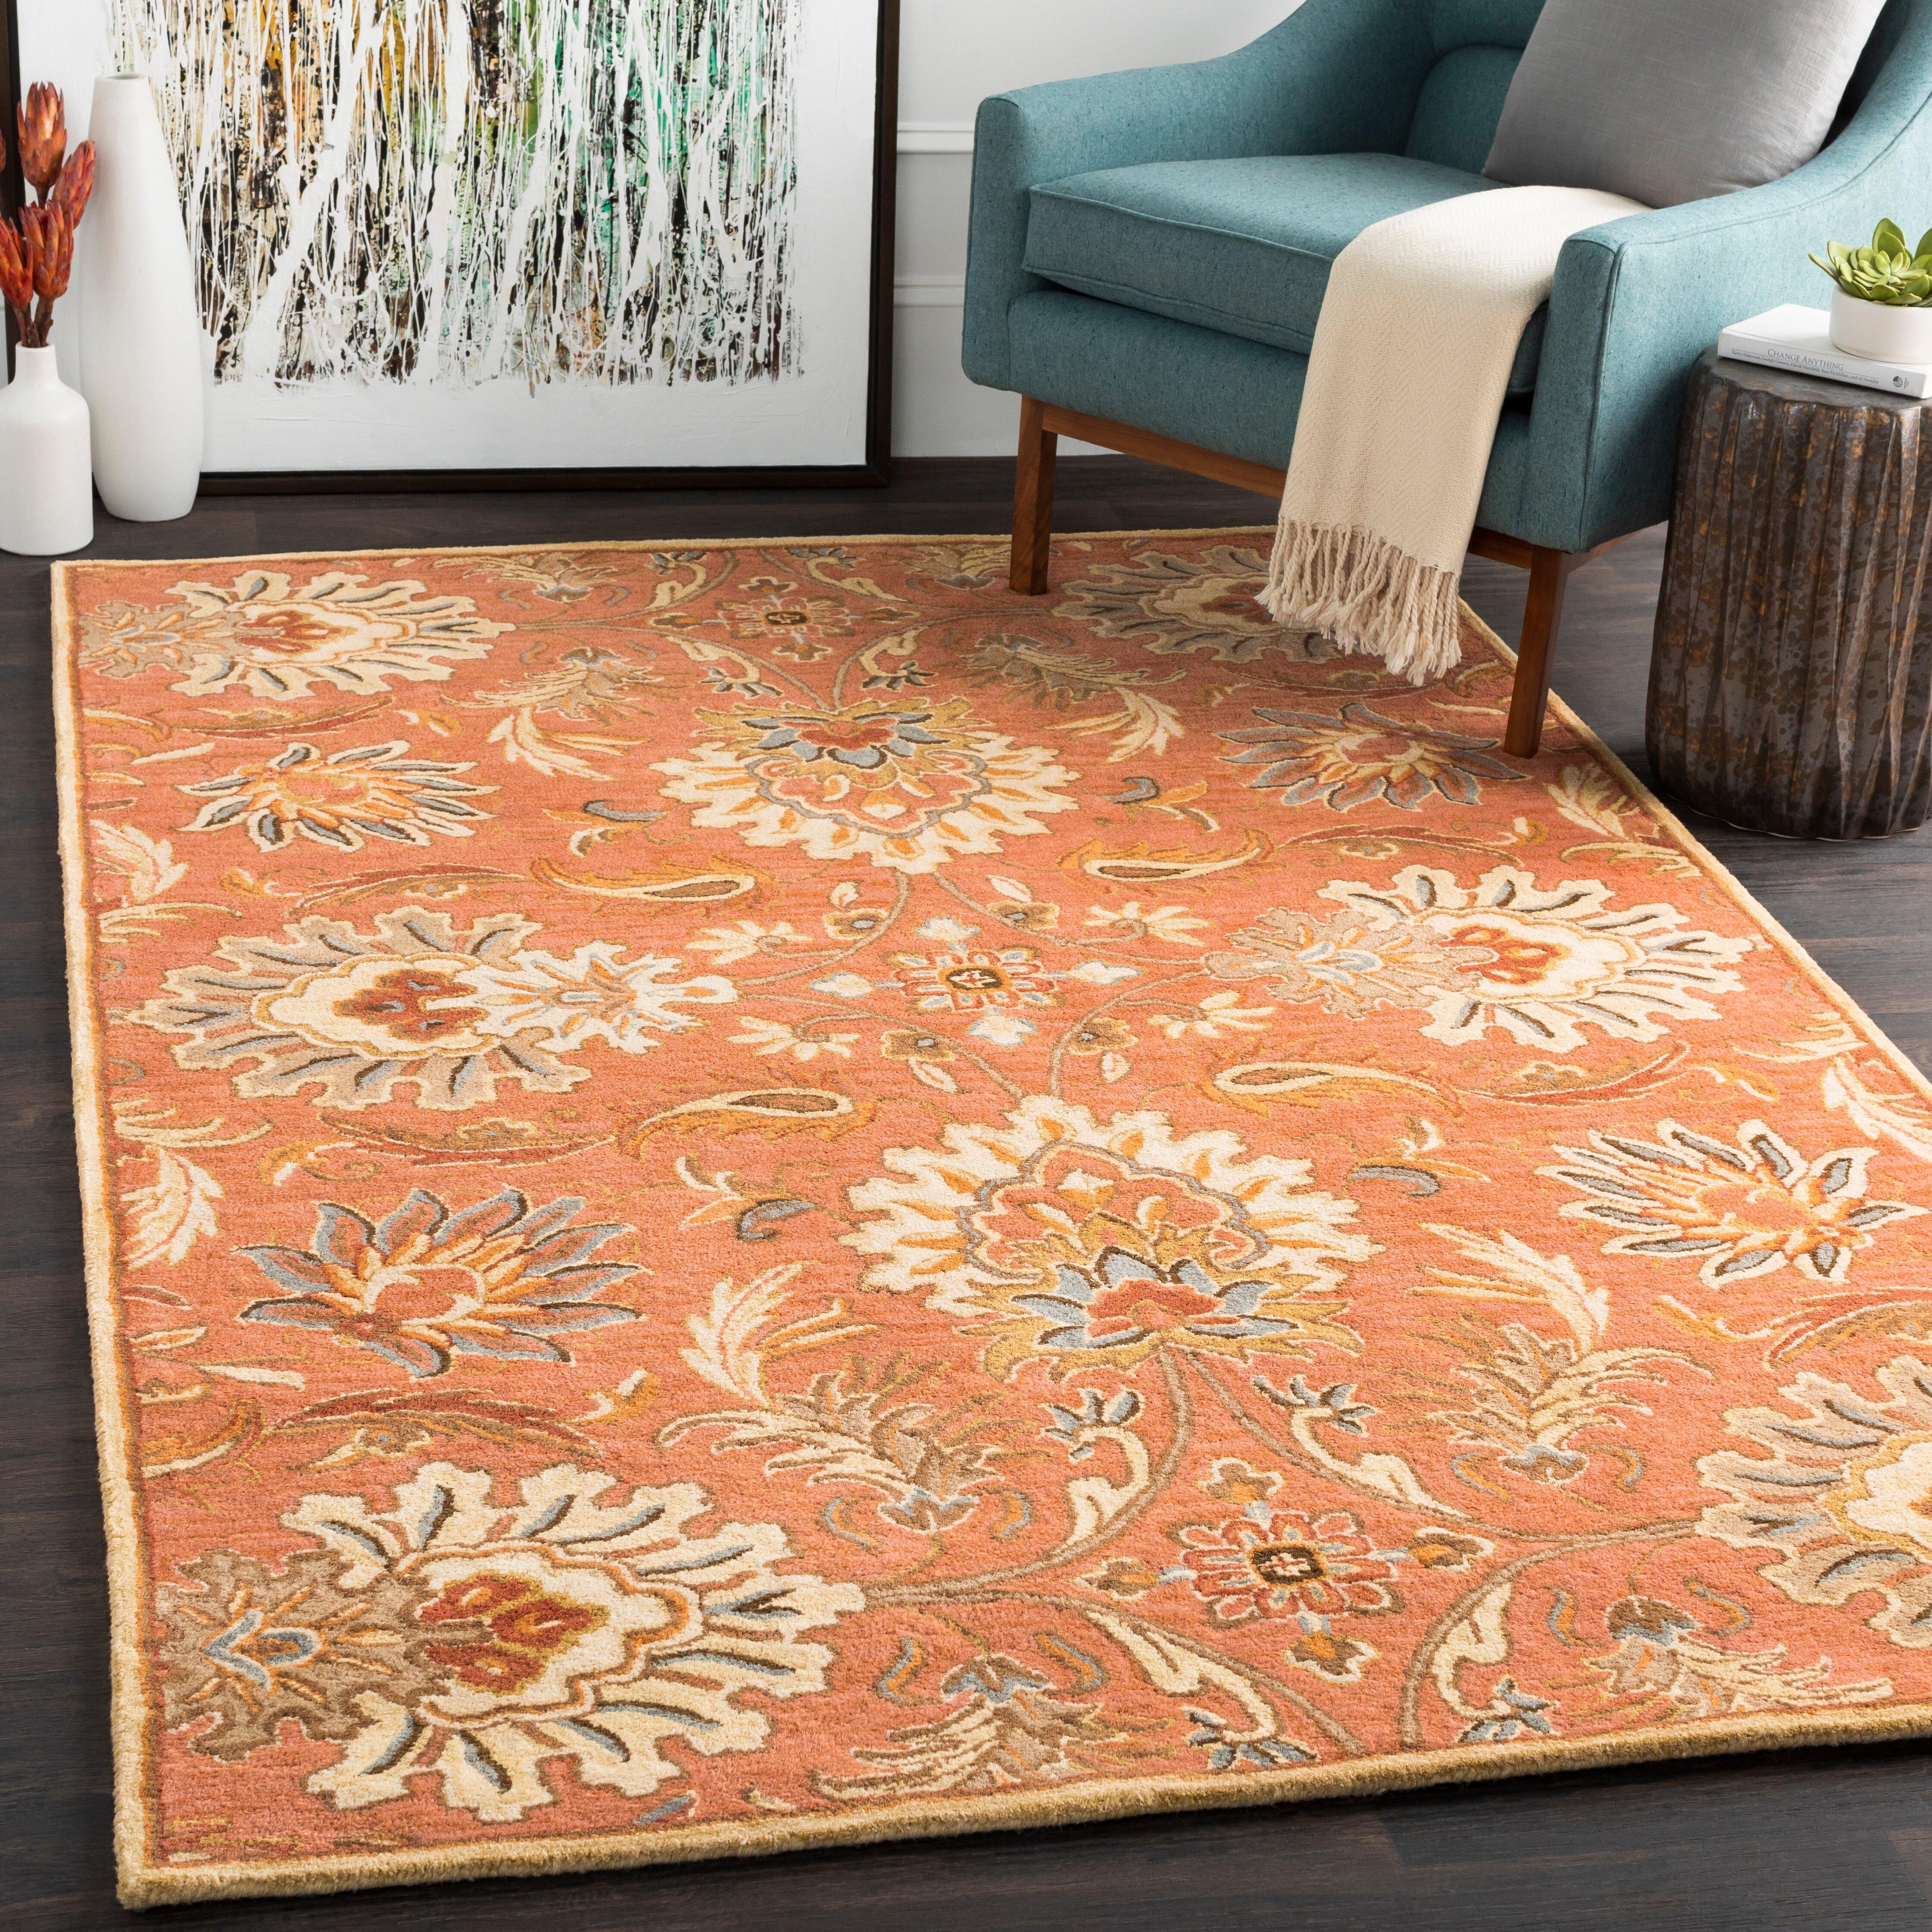 Birch Lane Aaron Floral Handmade Tufted Wool Burnt Orange Area Rug Reviews Wayfair Ca